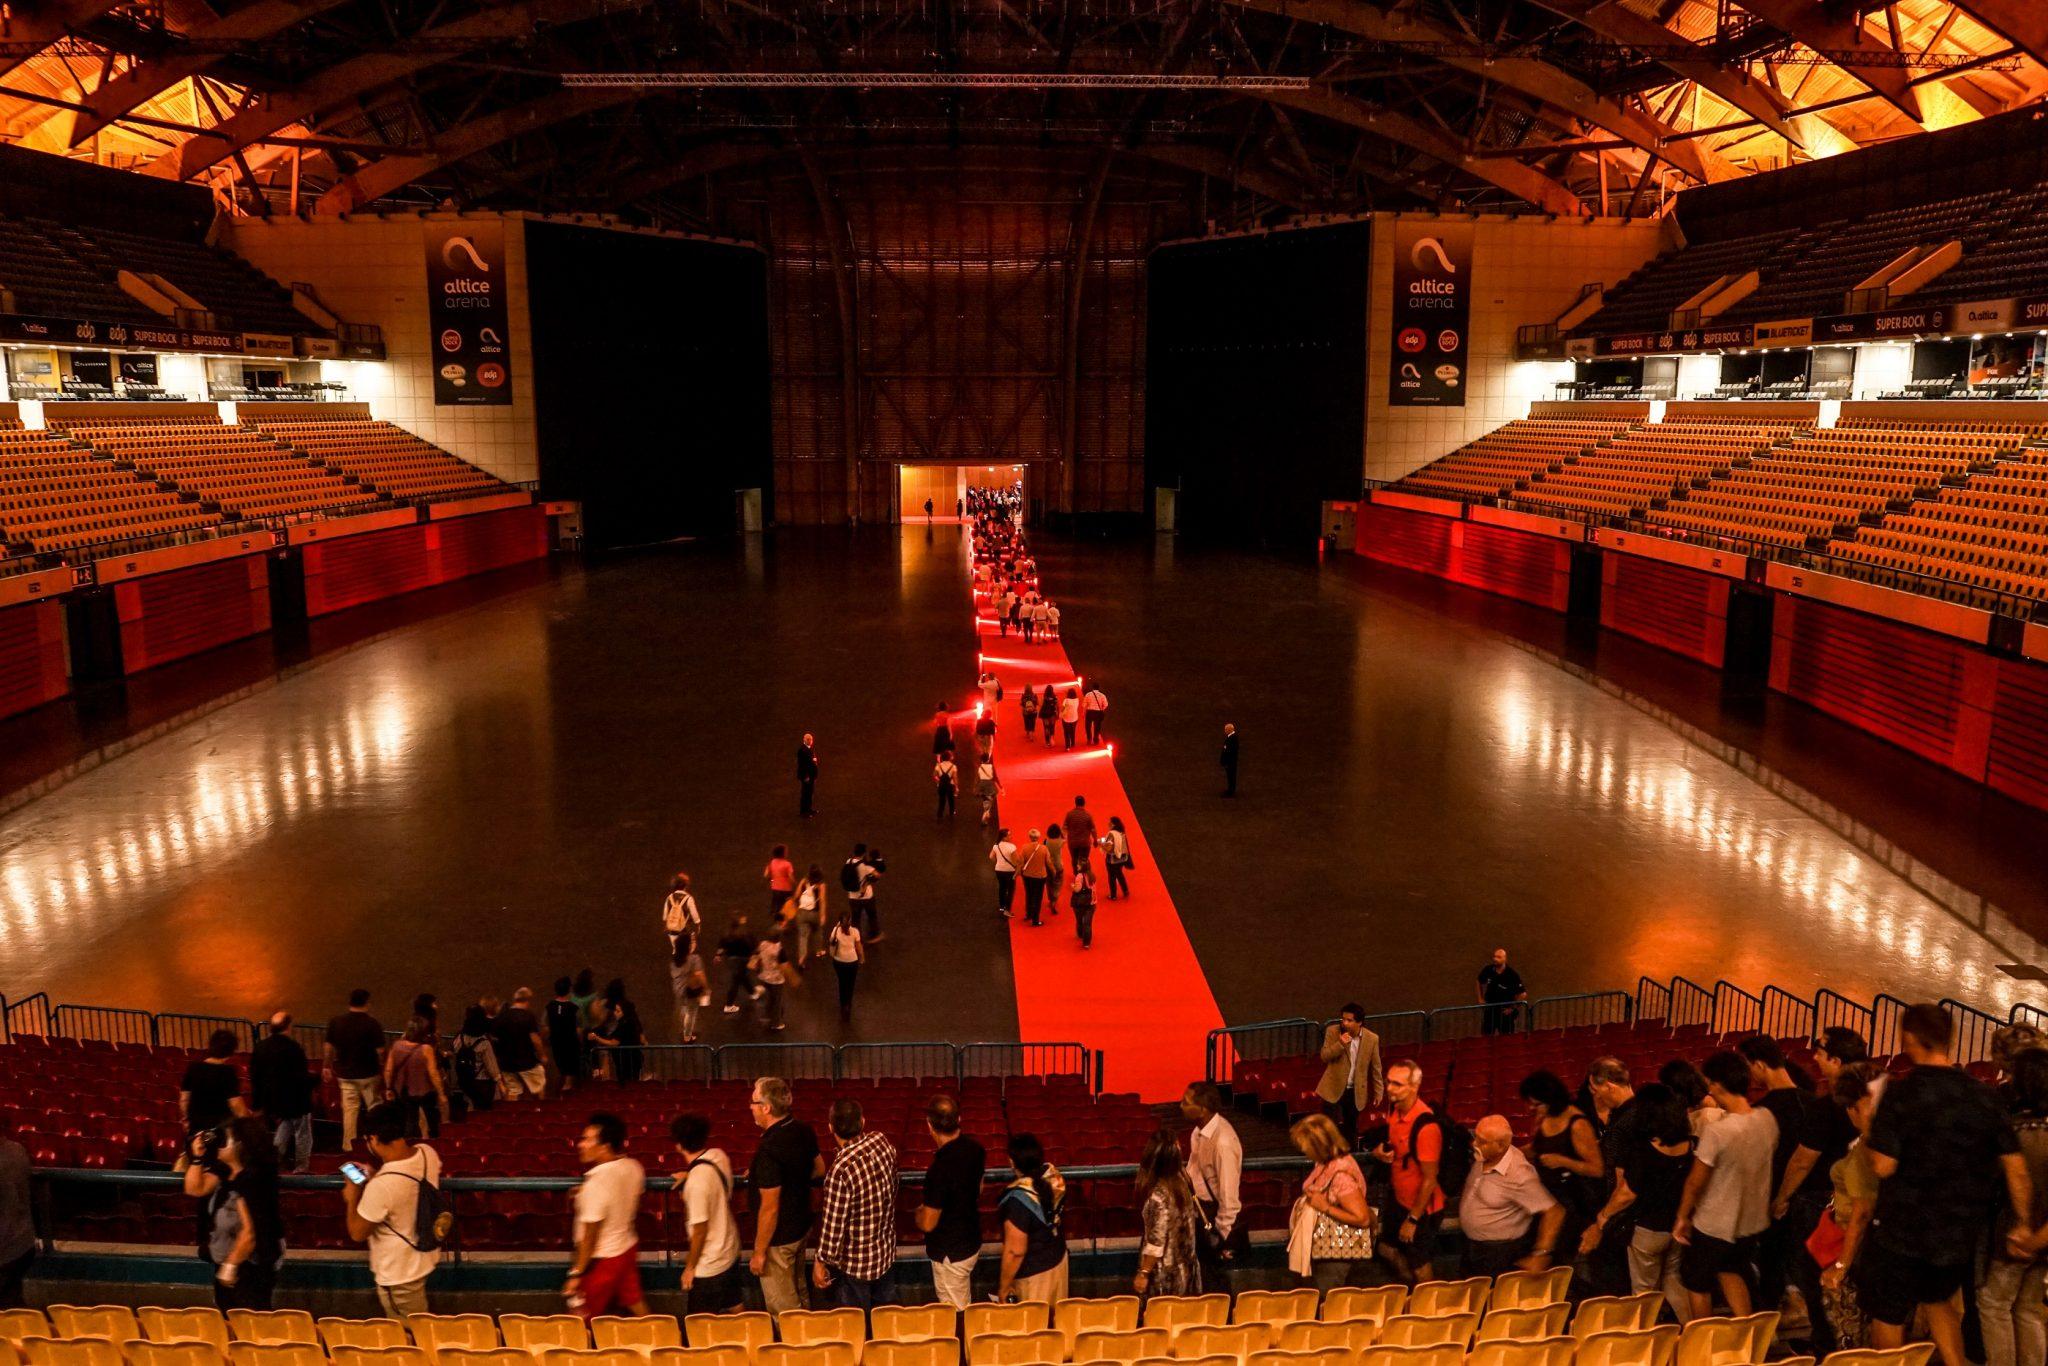 Interior do Pavilhão Atlântico, com plateias vazias e várias pessoas a descerem a escadaria e a atravessarem a sala